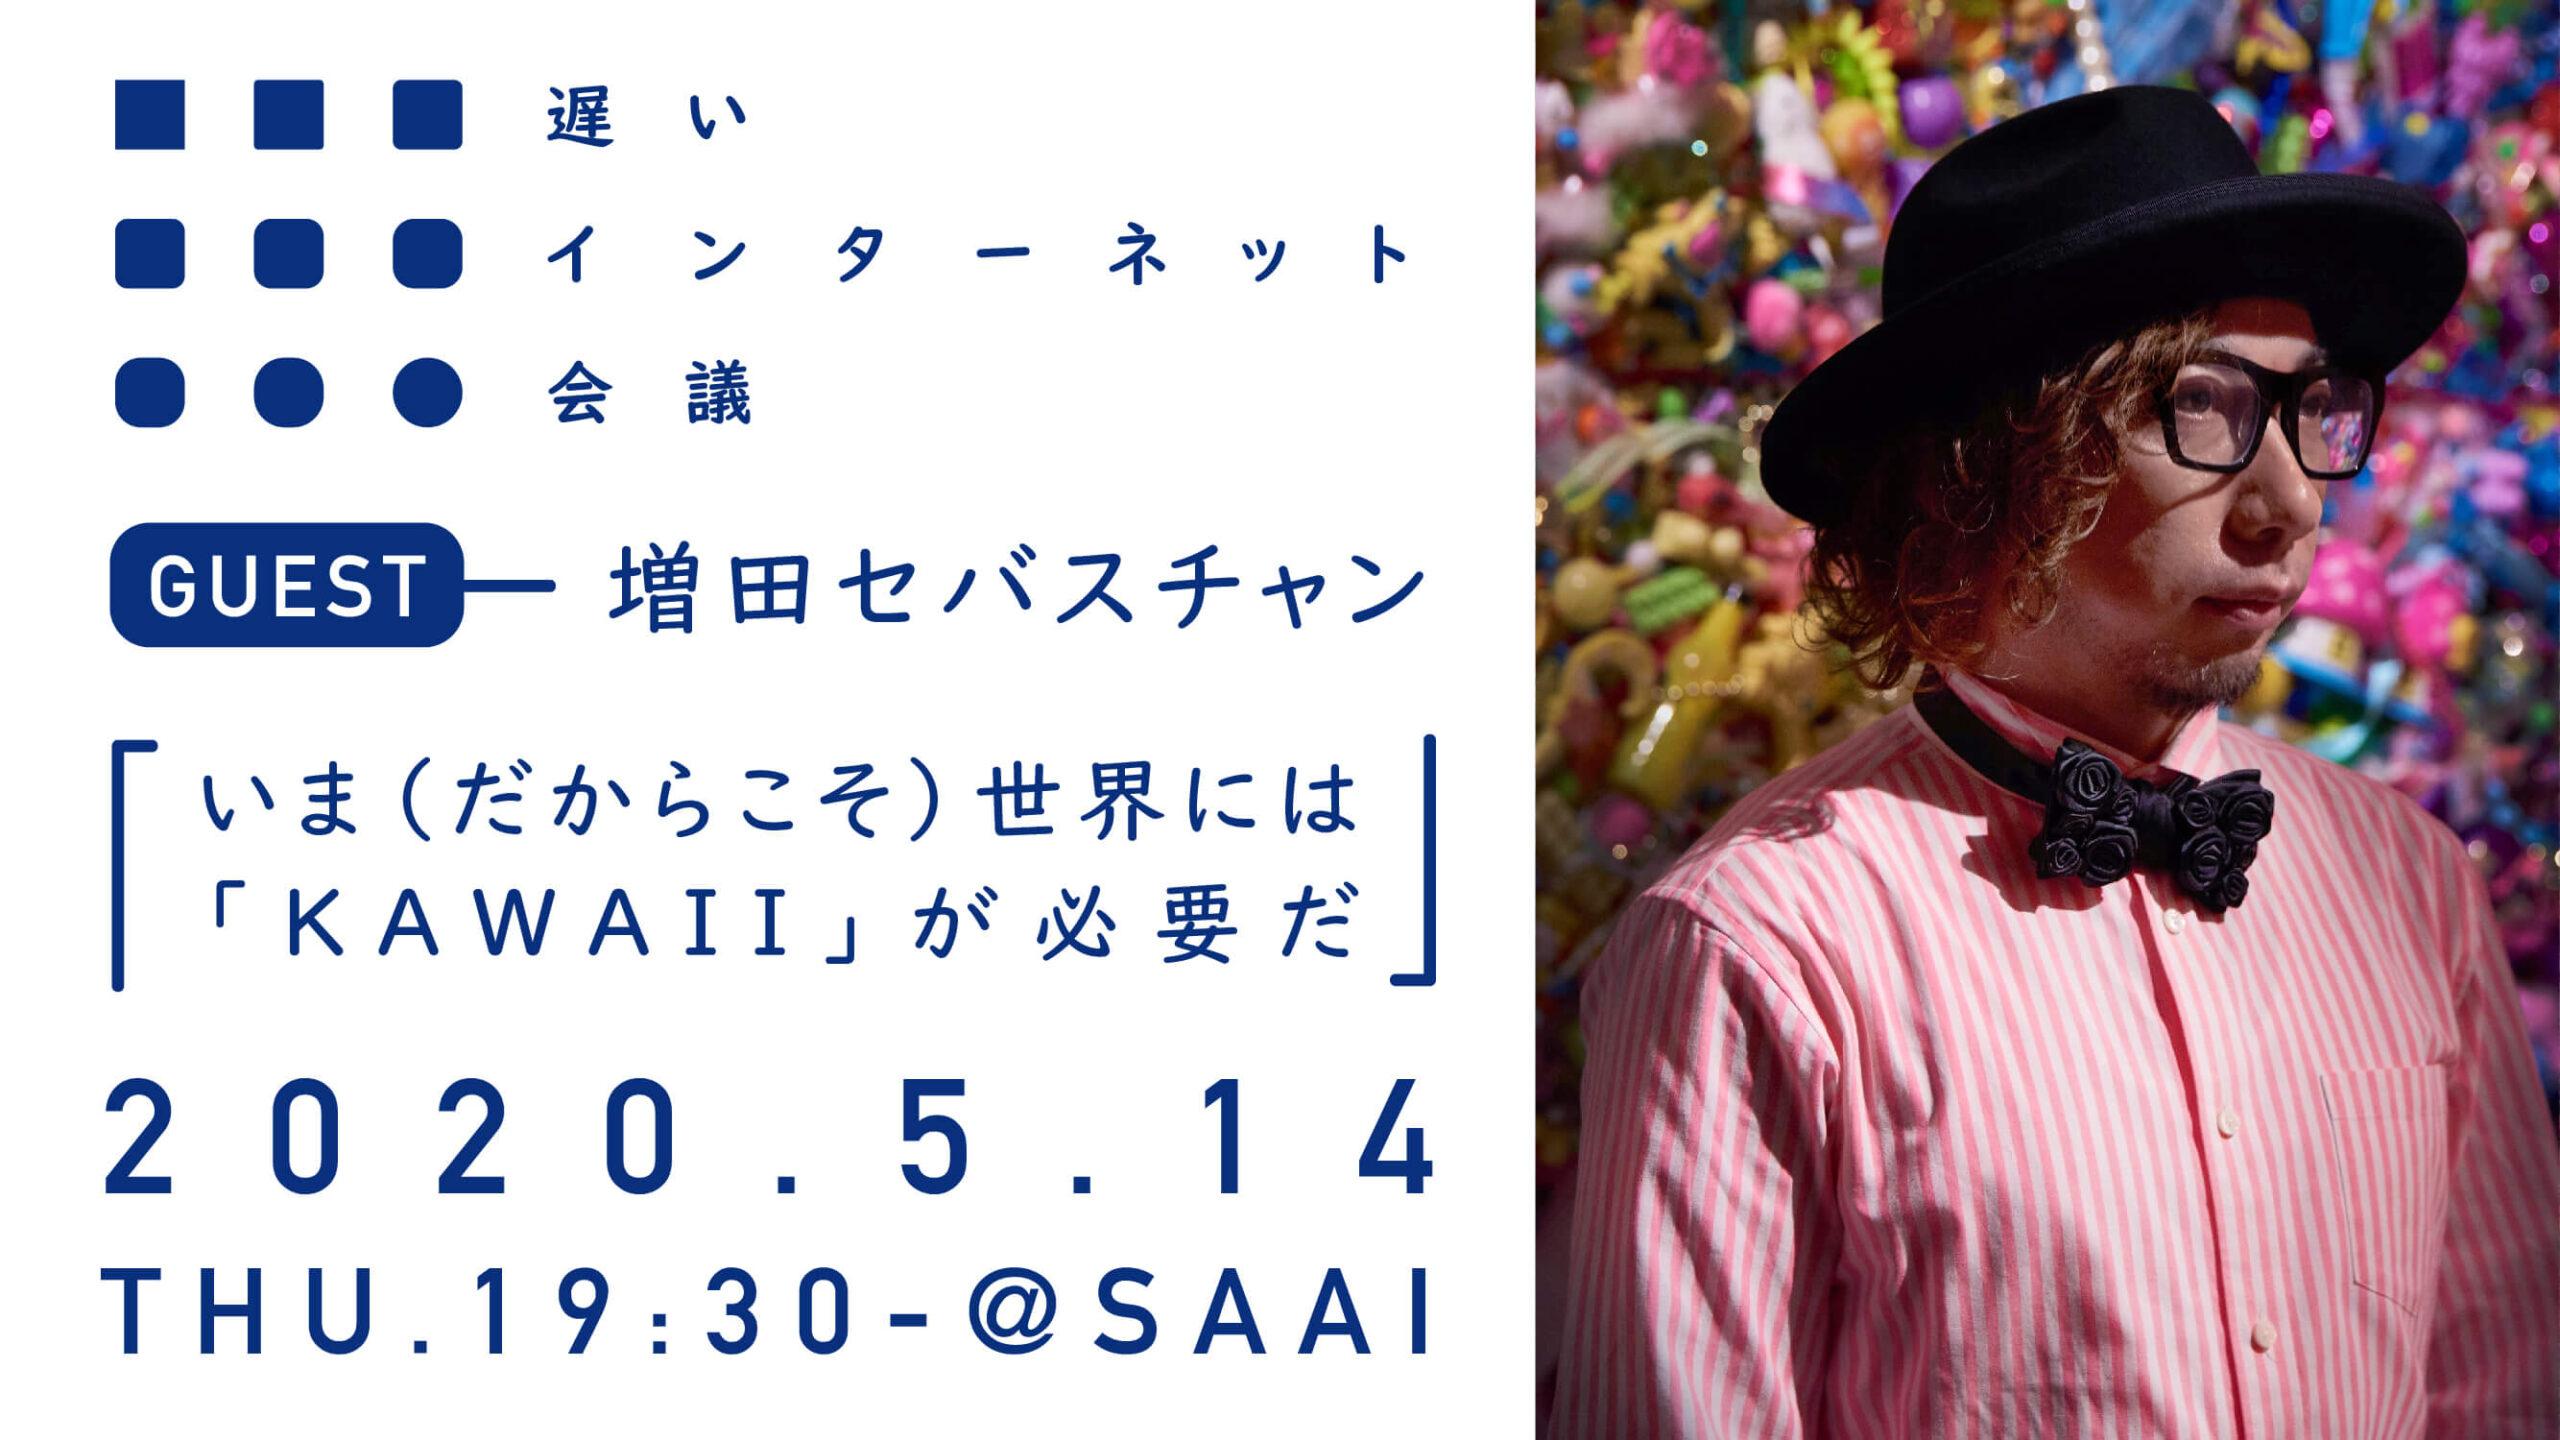 いま(だからこそ)世界には「KAWAII」が必要だ | 増田セバスチャン